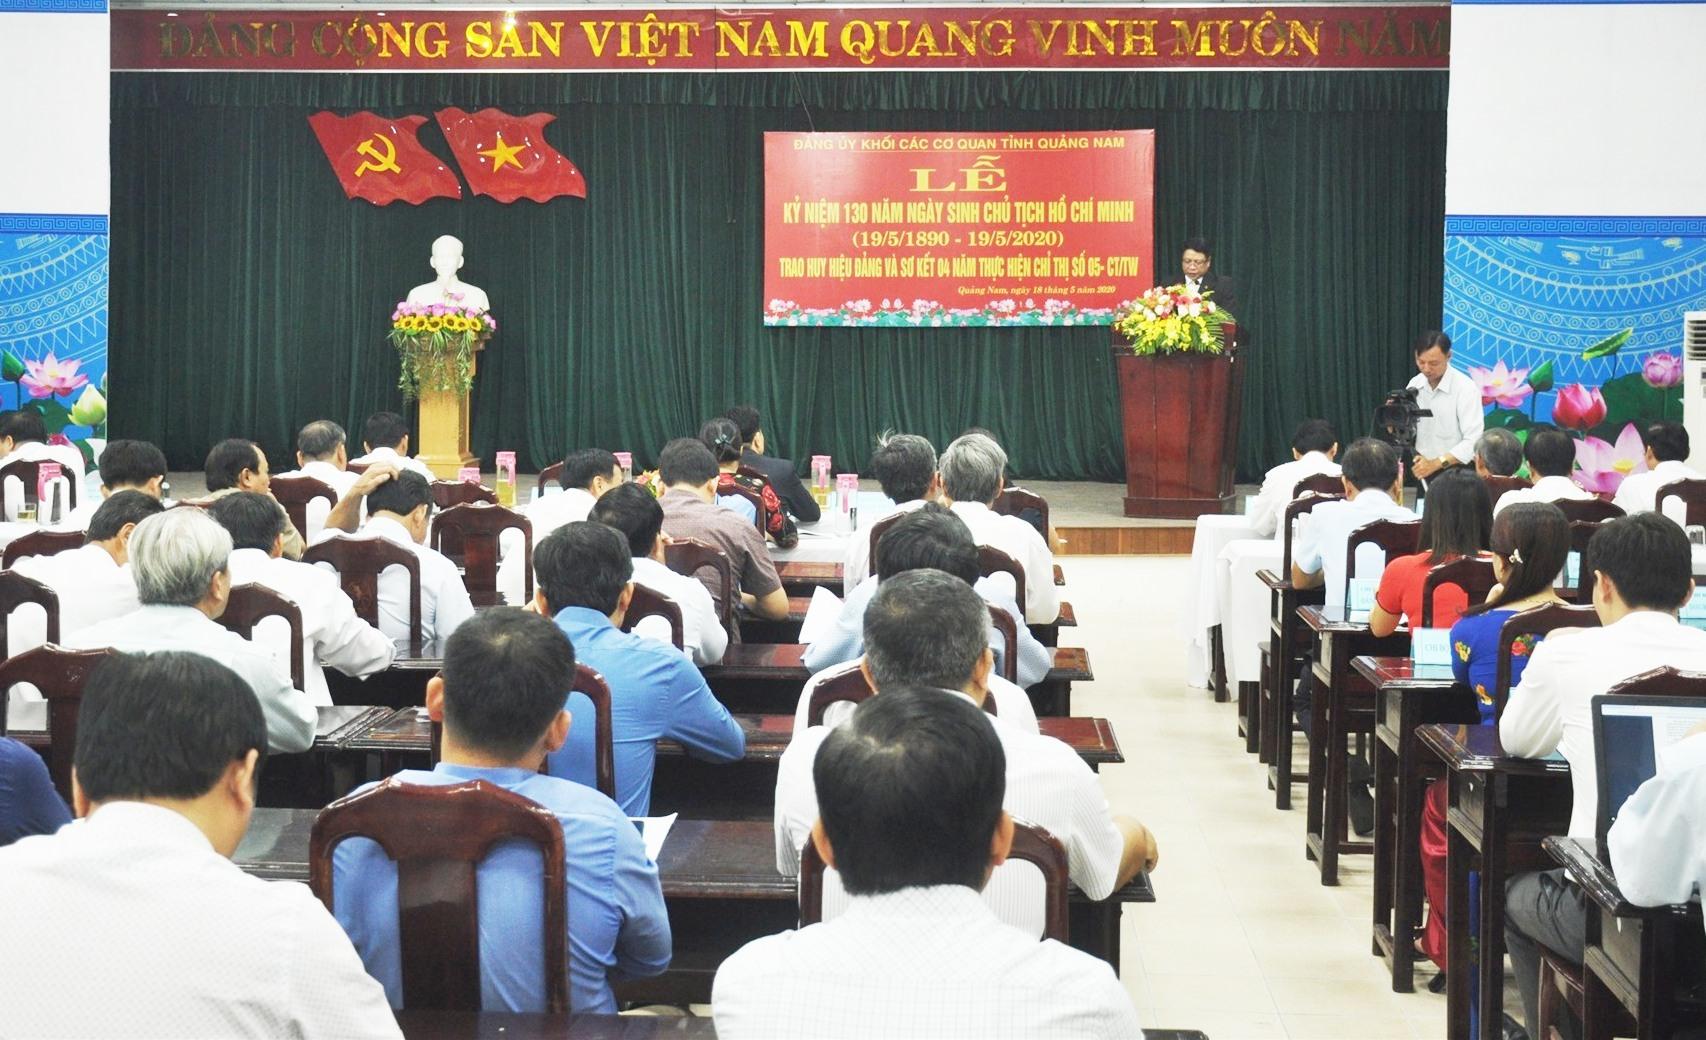 Đảng ủy Khối các cơ quan tỉnh tổ chức Lễ kỷ niệm 130 năm Ngày sinh Chủ tịch Hồ Chí Minh (19.5.1890 - 19.5.2020). Ảnh: N.Đ